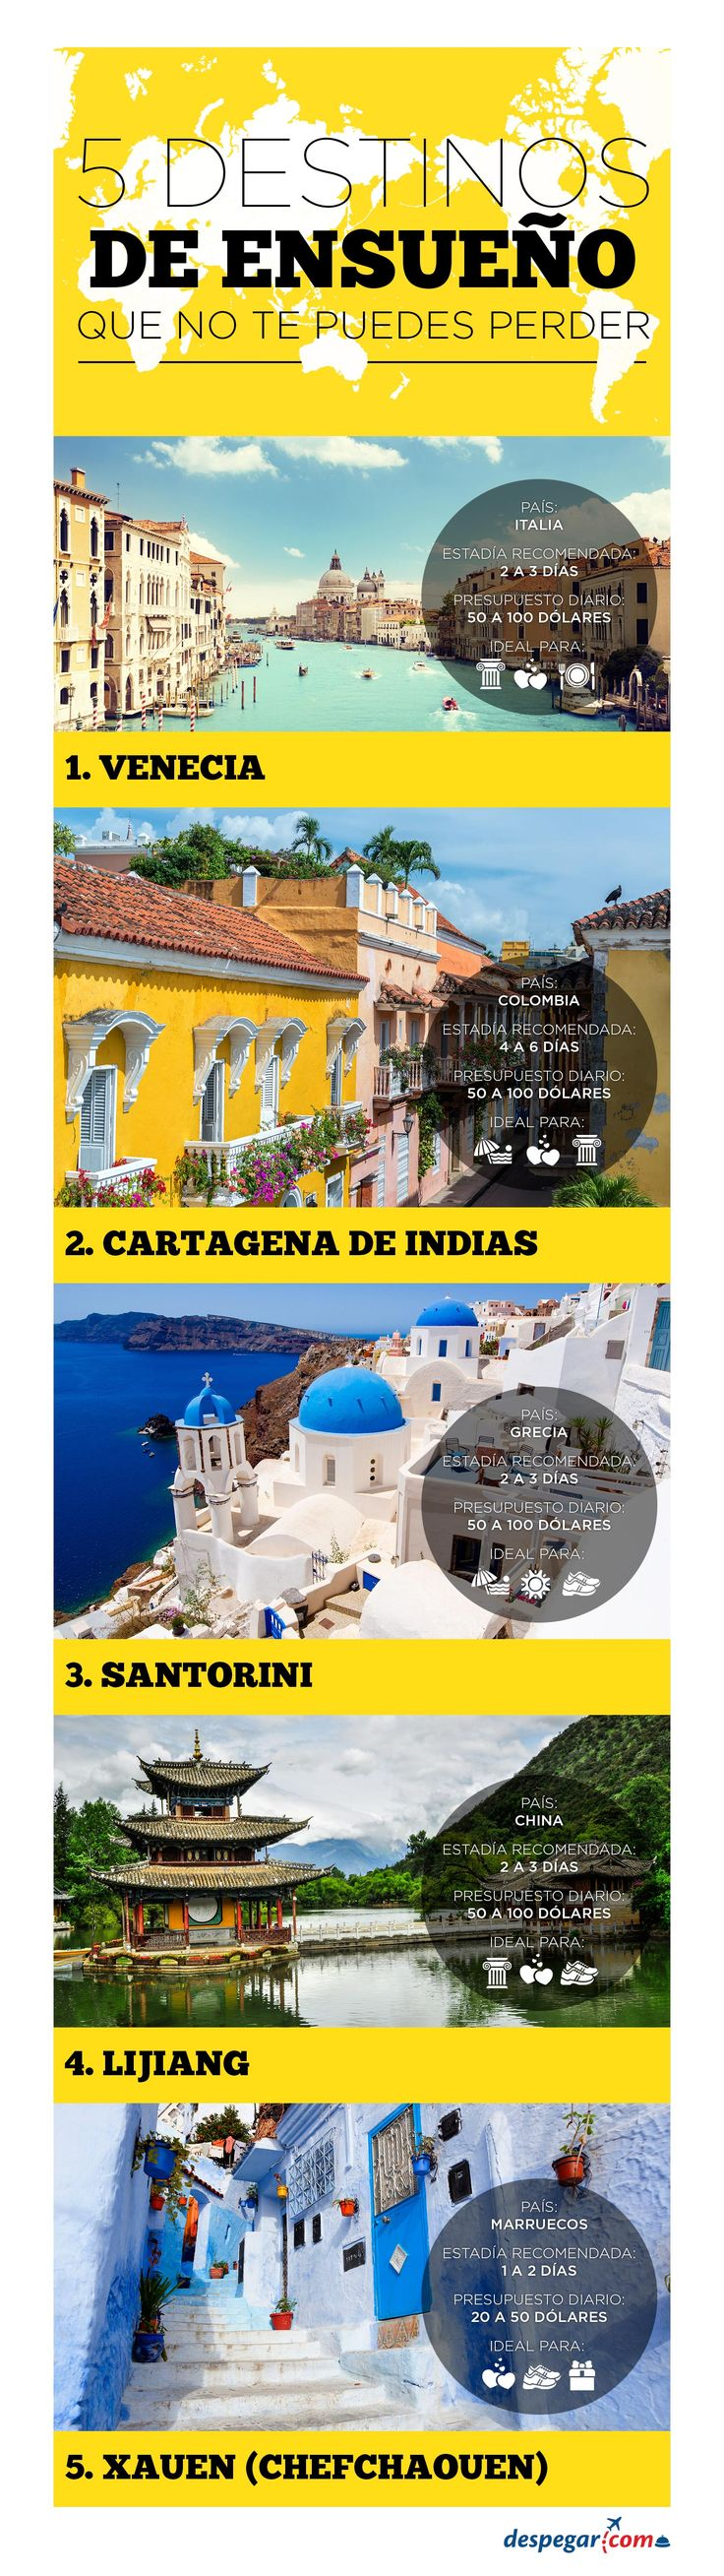 #Viajar > #Infografía 5 destinos de ensueño que no puedes dejar de visitar.